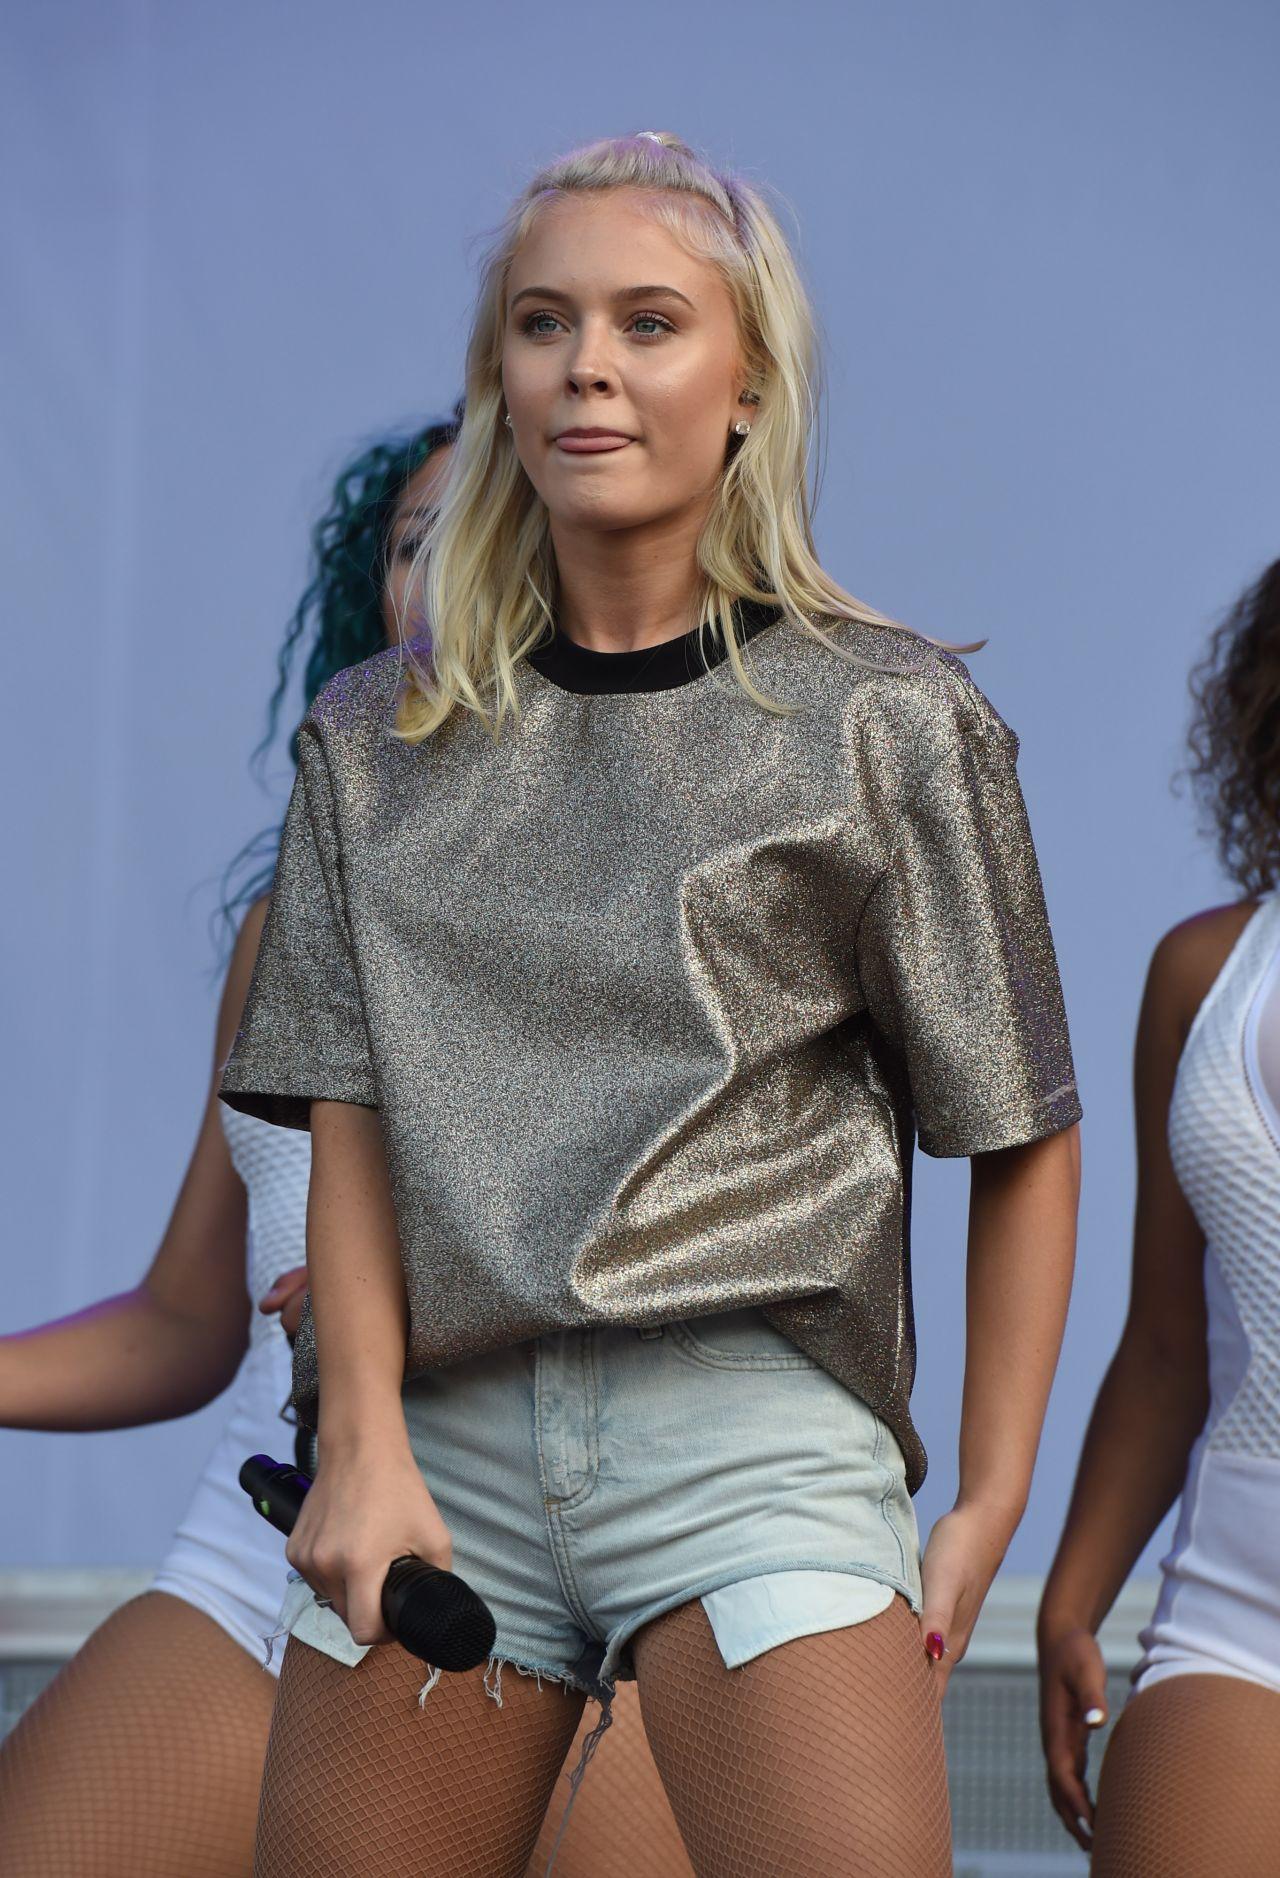 Zara Larsson 2014